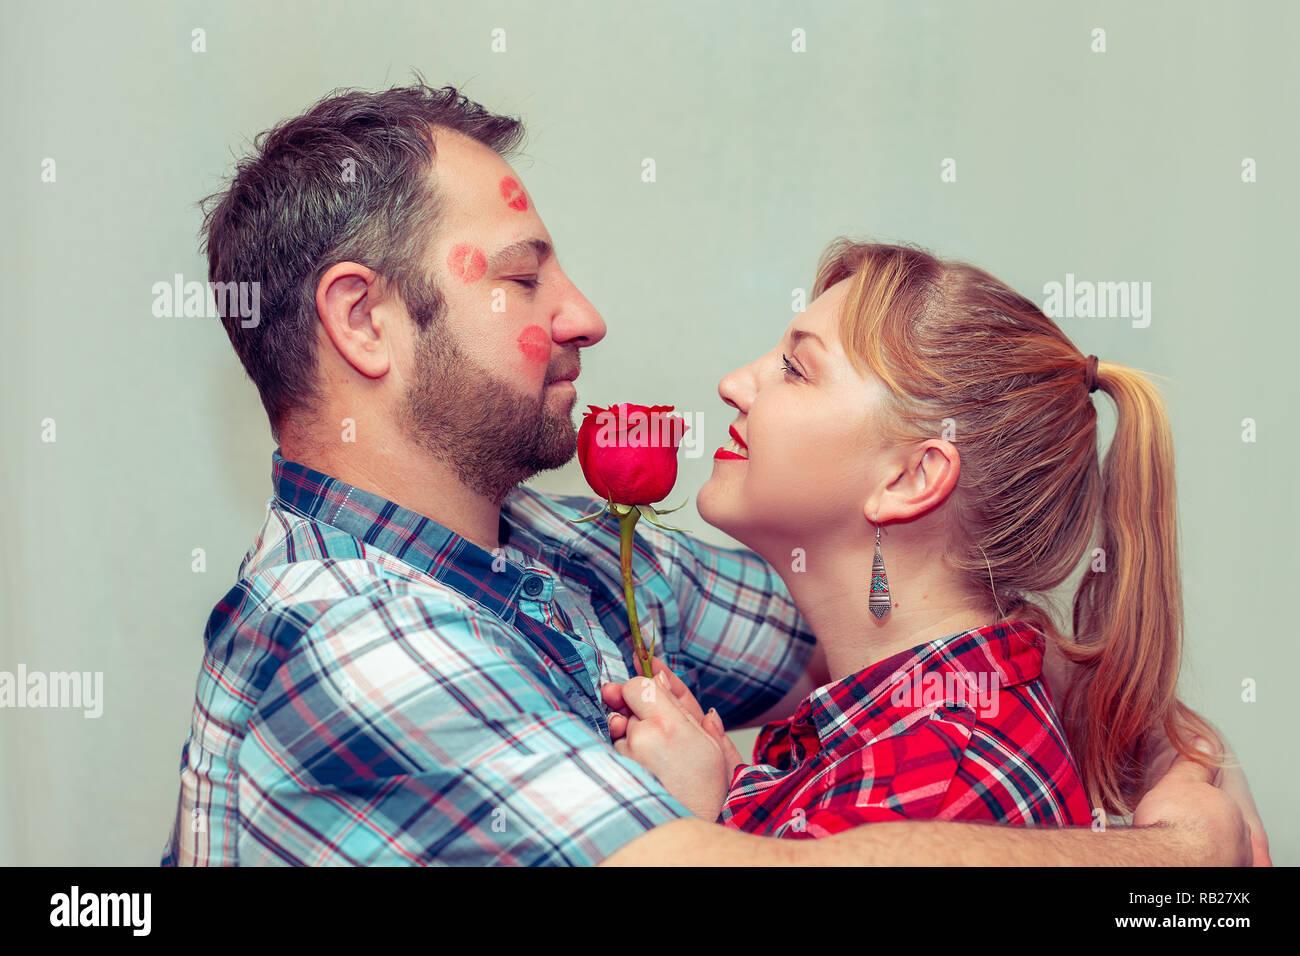 Paar Mit Einer Roten Rose Valentinstag Das Konzept Der Liebe